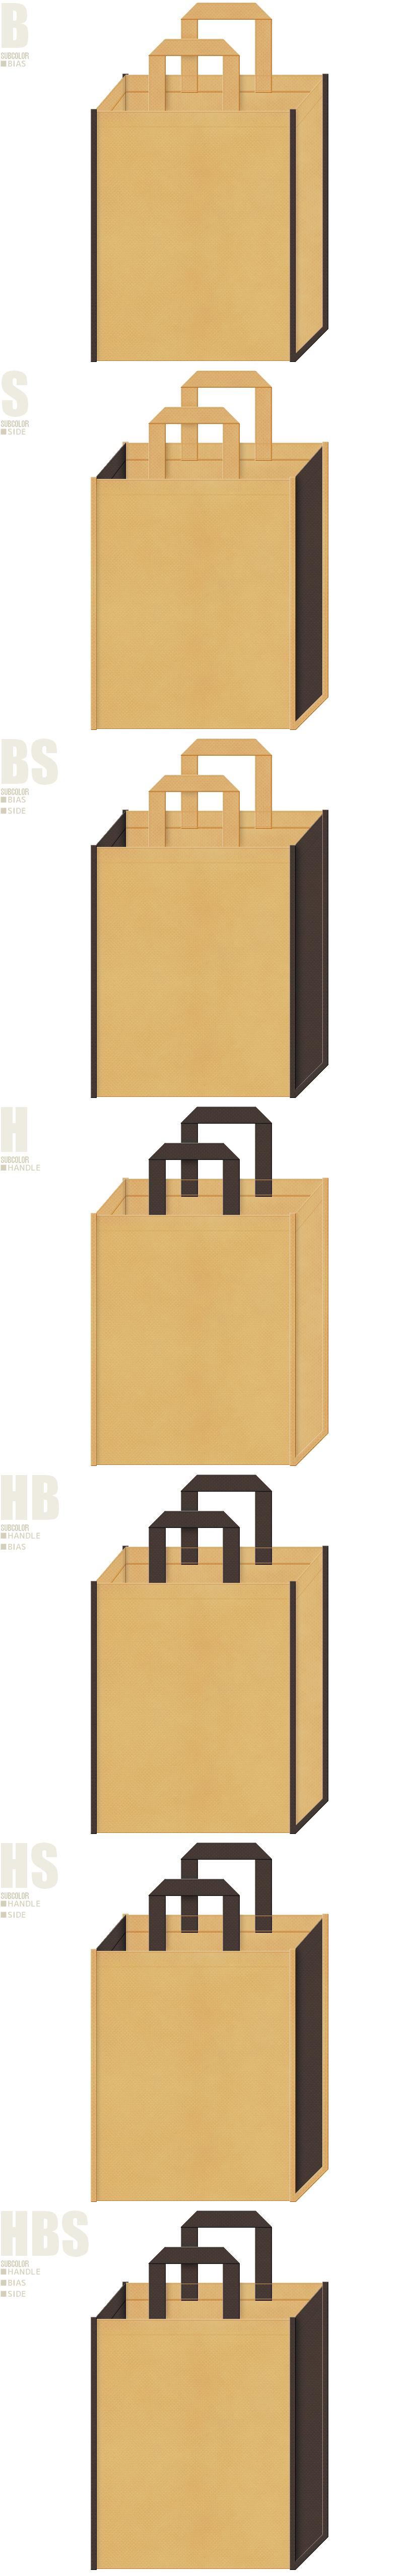 カフェ・ログハウス・石窯パンイメージの不織布バッグにお奨めです。薄黄土色とこげ茶色、7パターンの不織布トートバッグ配色デザイン例。